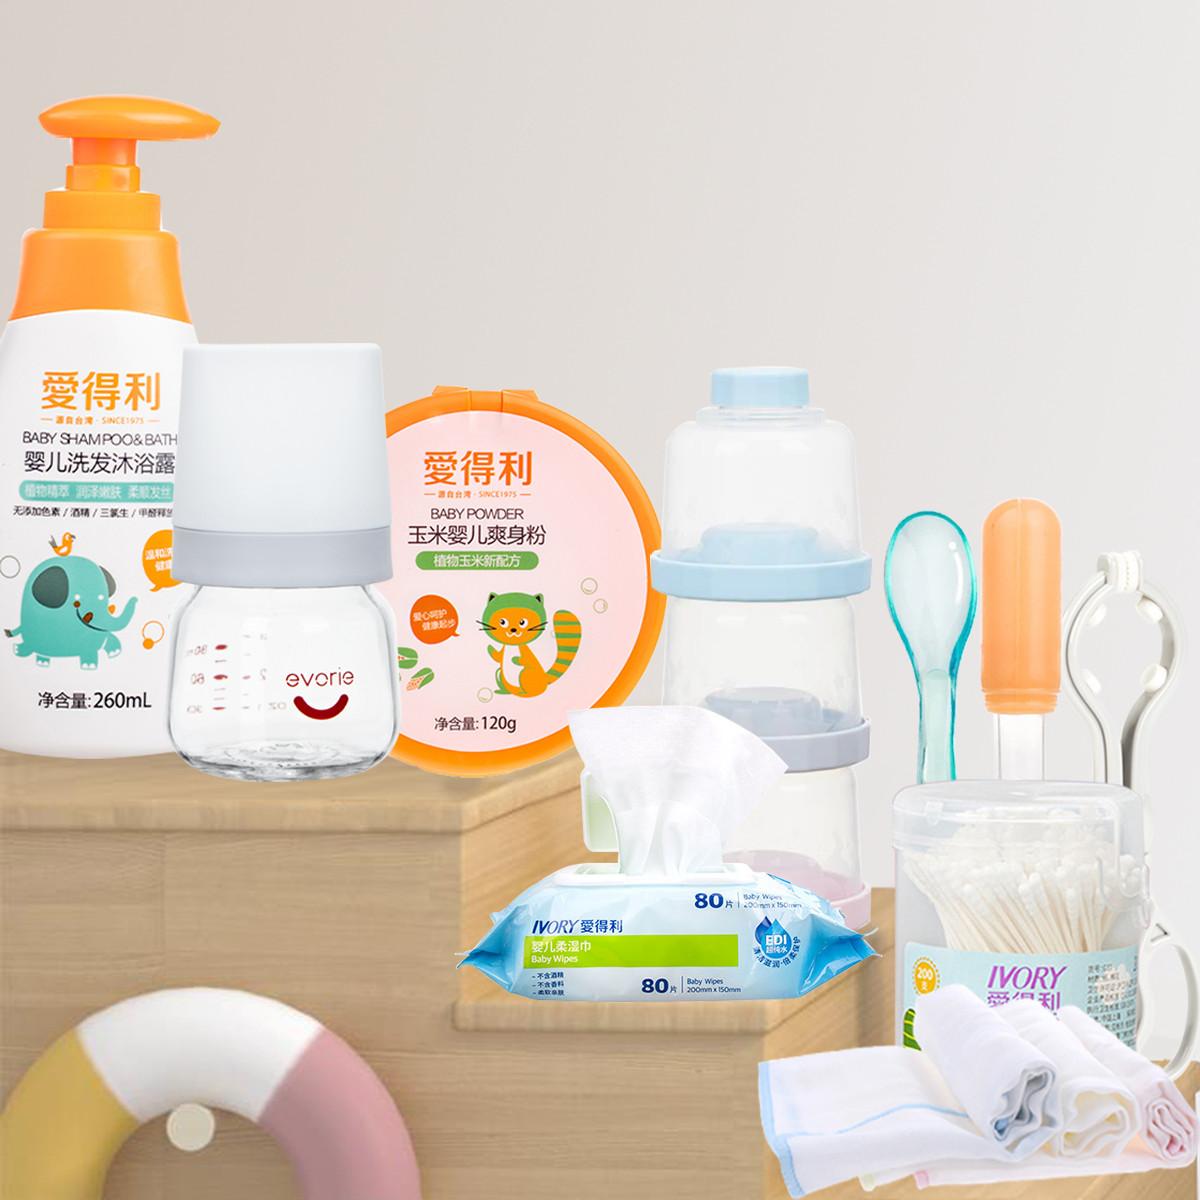 爱得利 孕妈婴儿待产组合入院全套母子产妇产后用品新生儿喂养洗护套餐